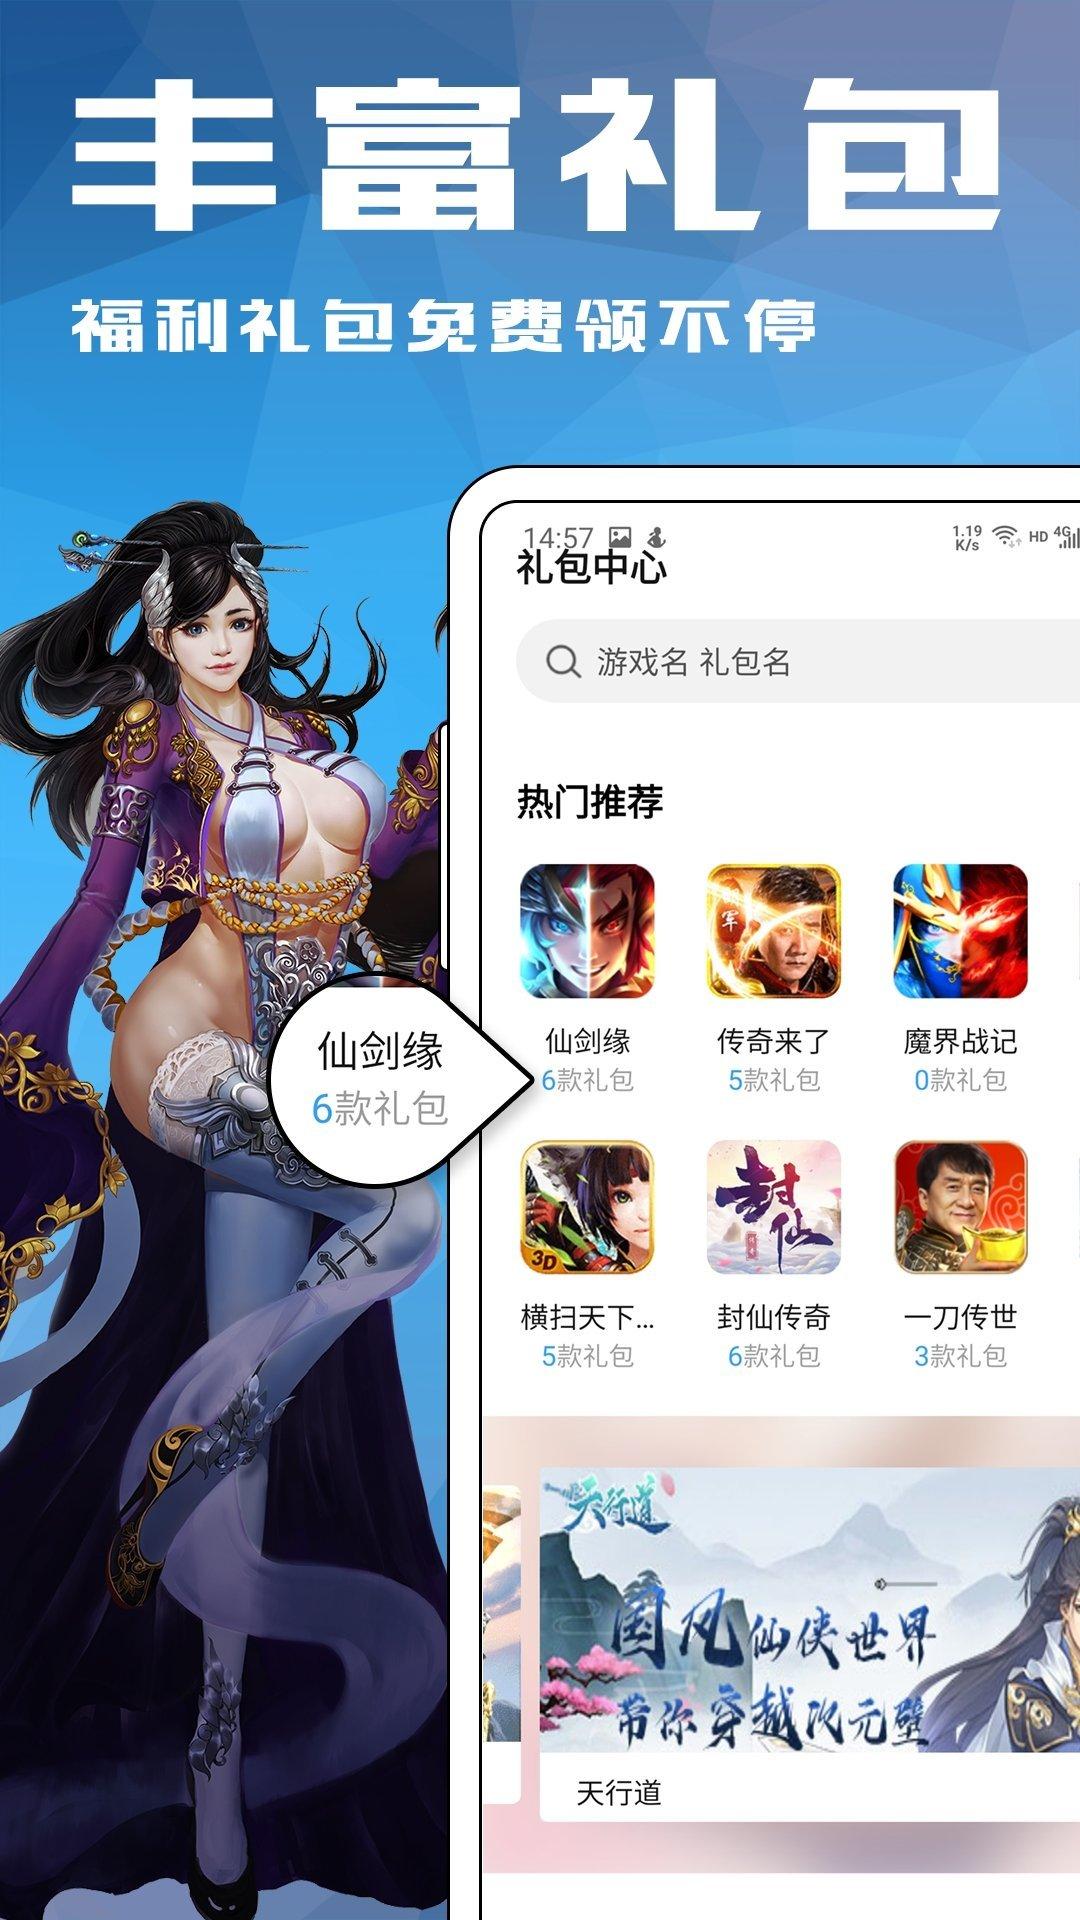 4233游戏盒下载-4233游戏盒app下载